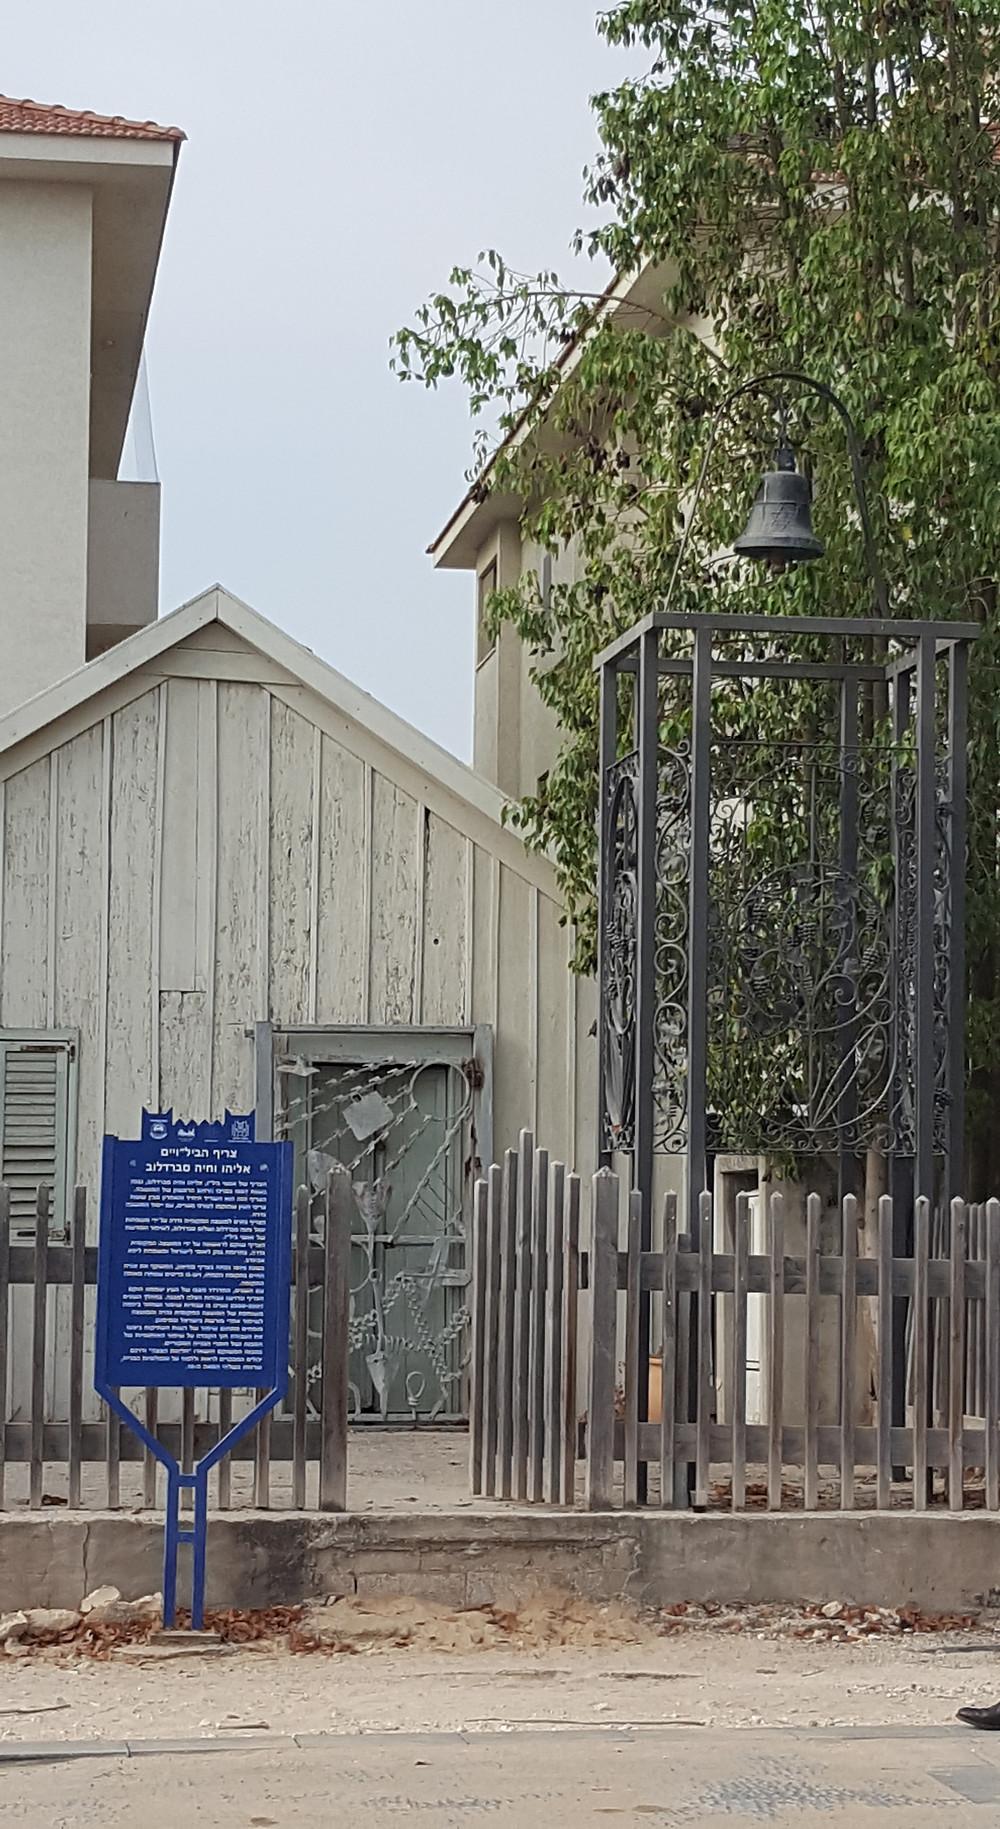 פעמון המושבה בחצר של צריף הבילויים